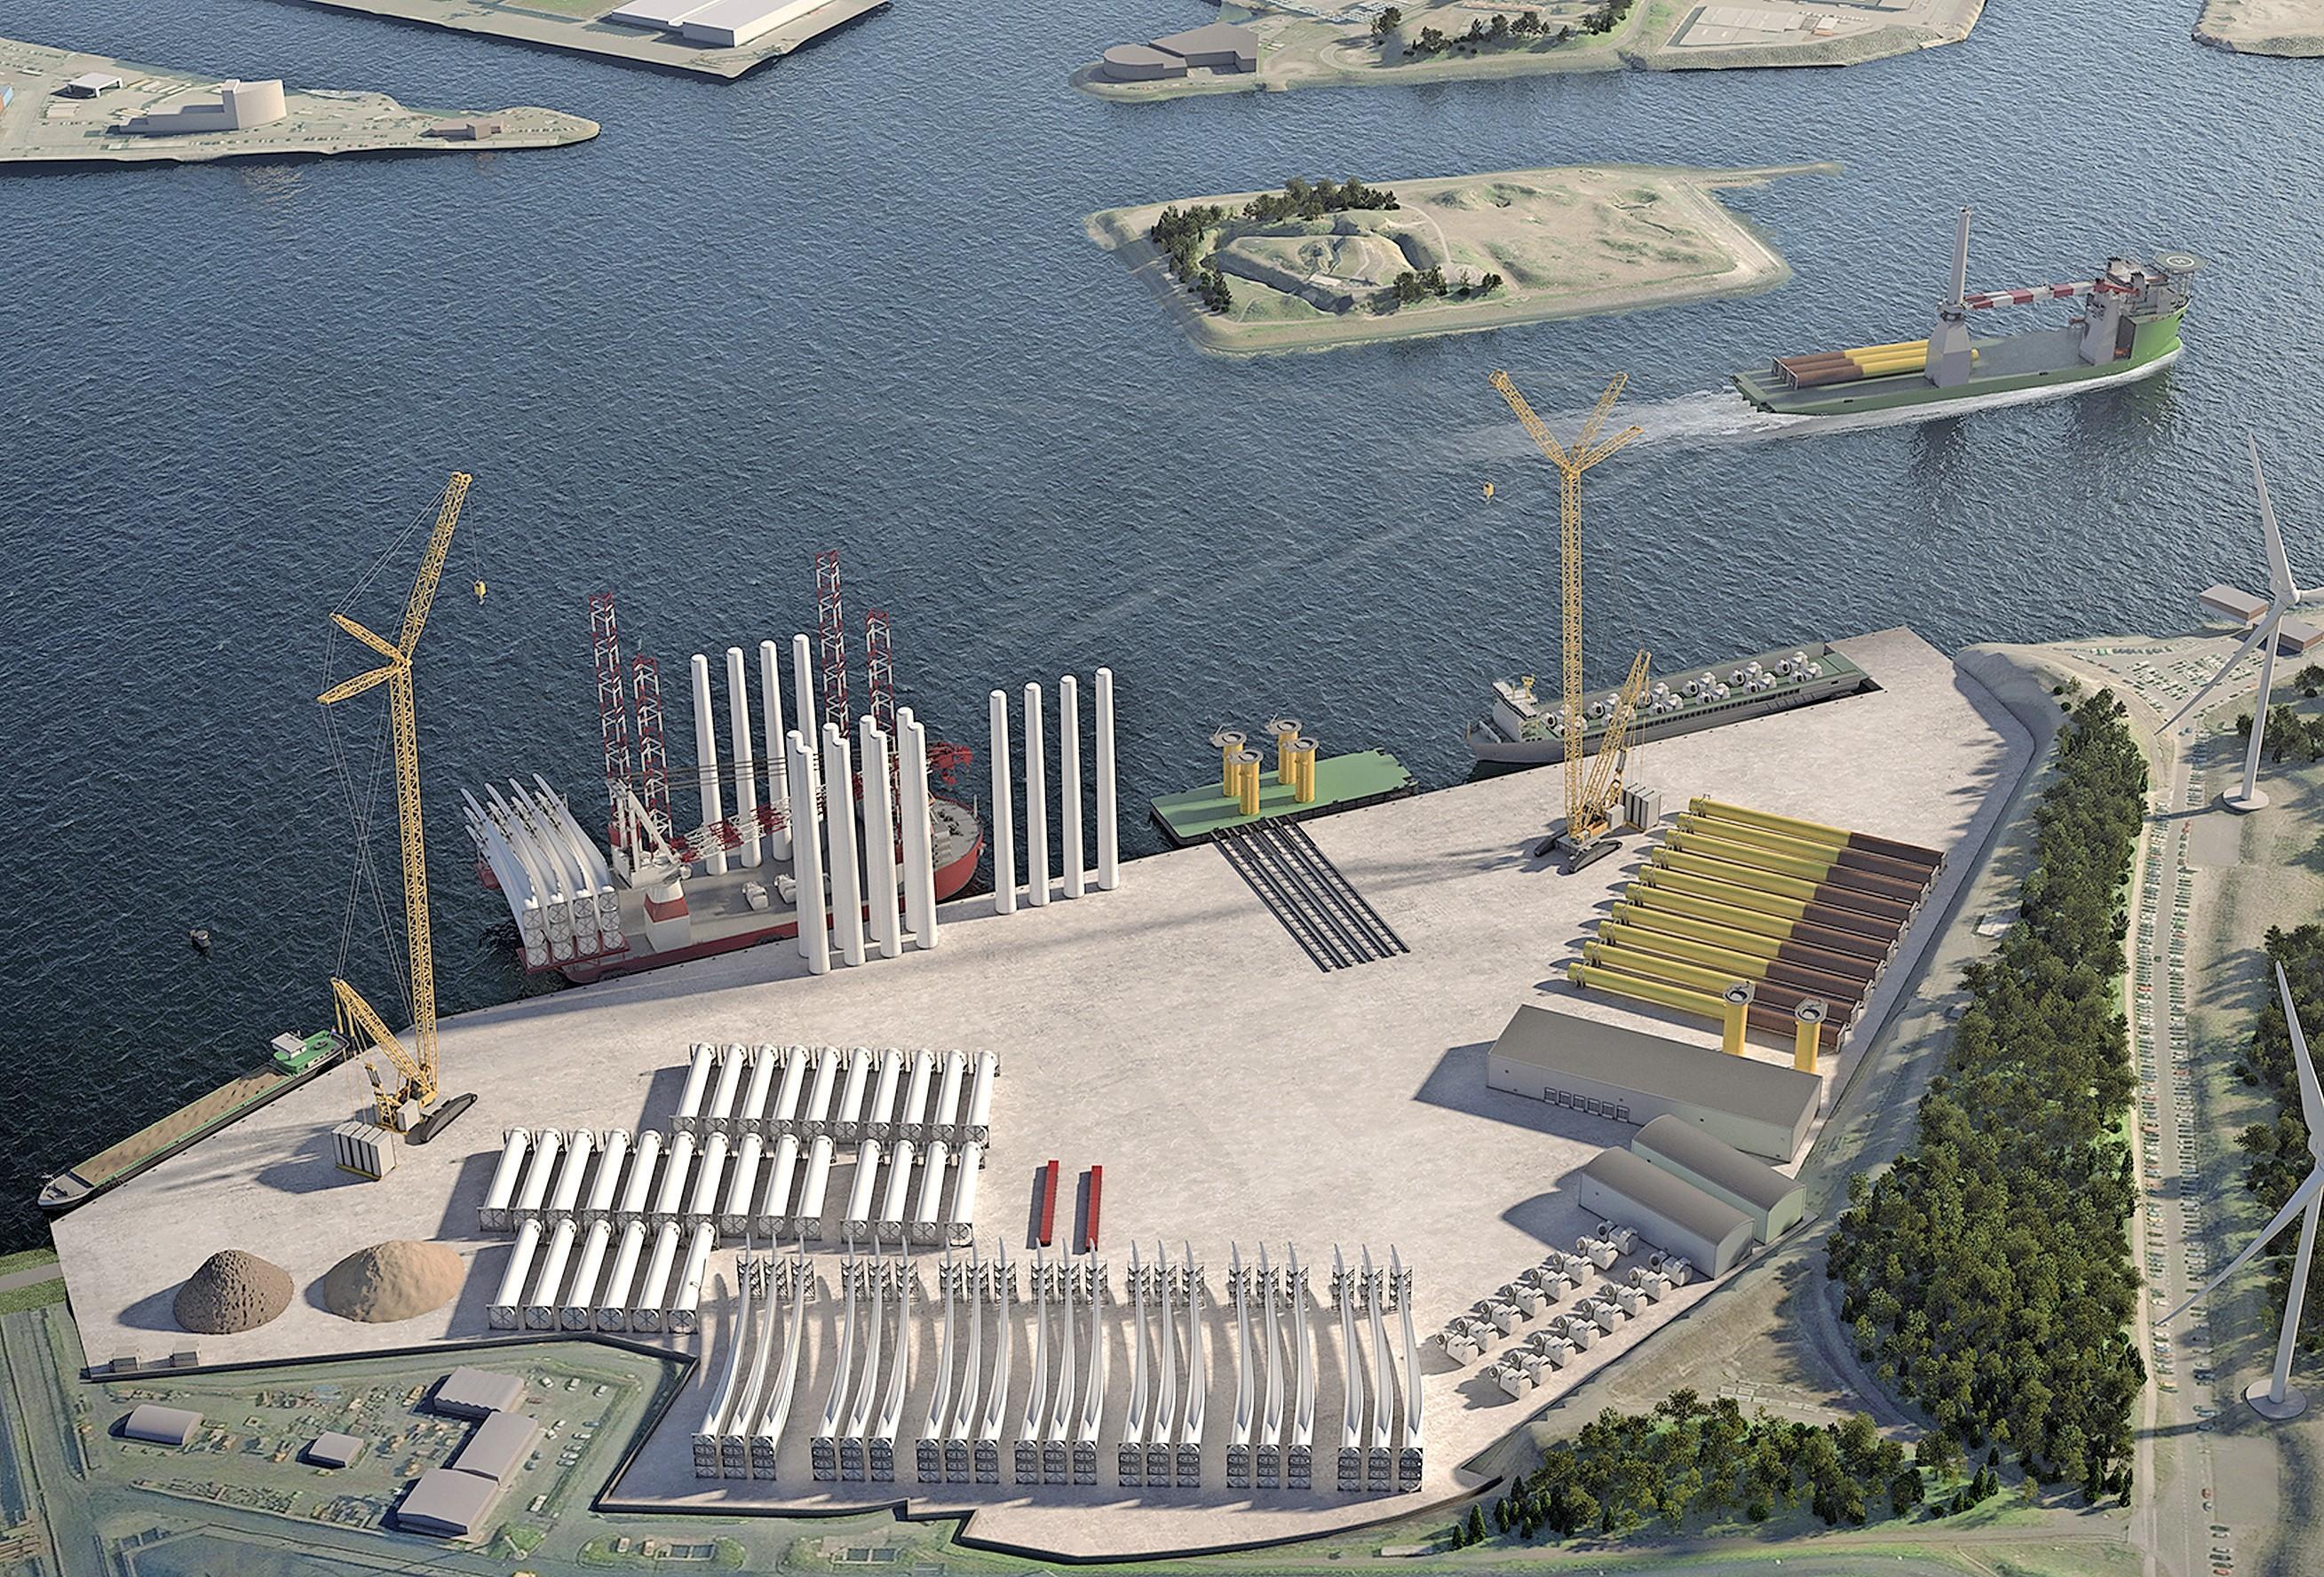 Het gaat de goede kant op met de aanleg van de Energiehaven bij Tata Steel. 'De procedures gaan binnenkort van start', zegt wethouder na een werkbezoek